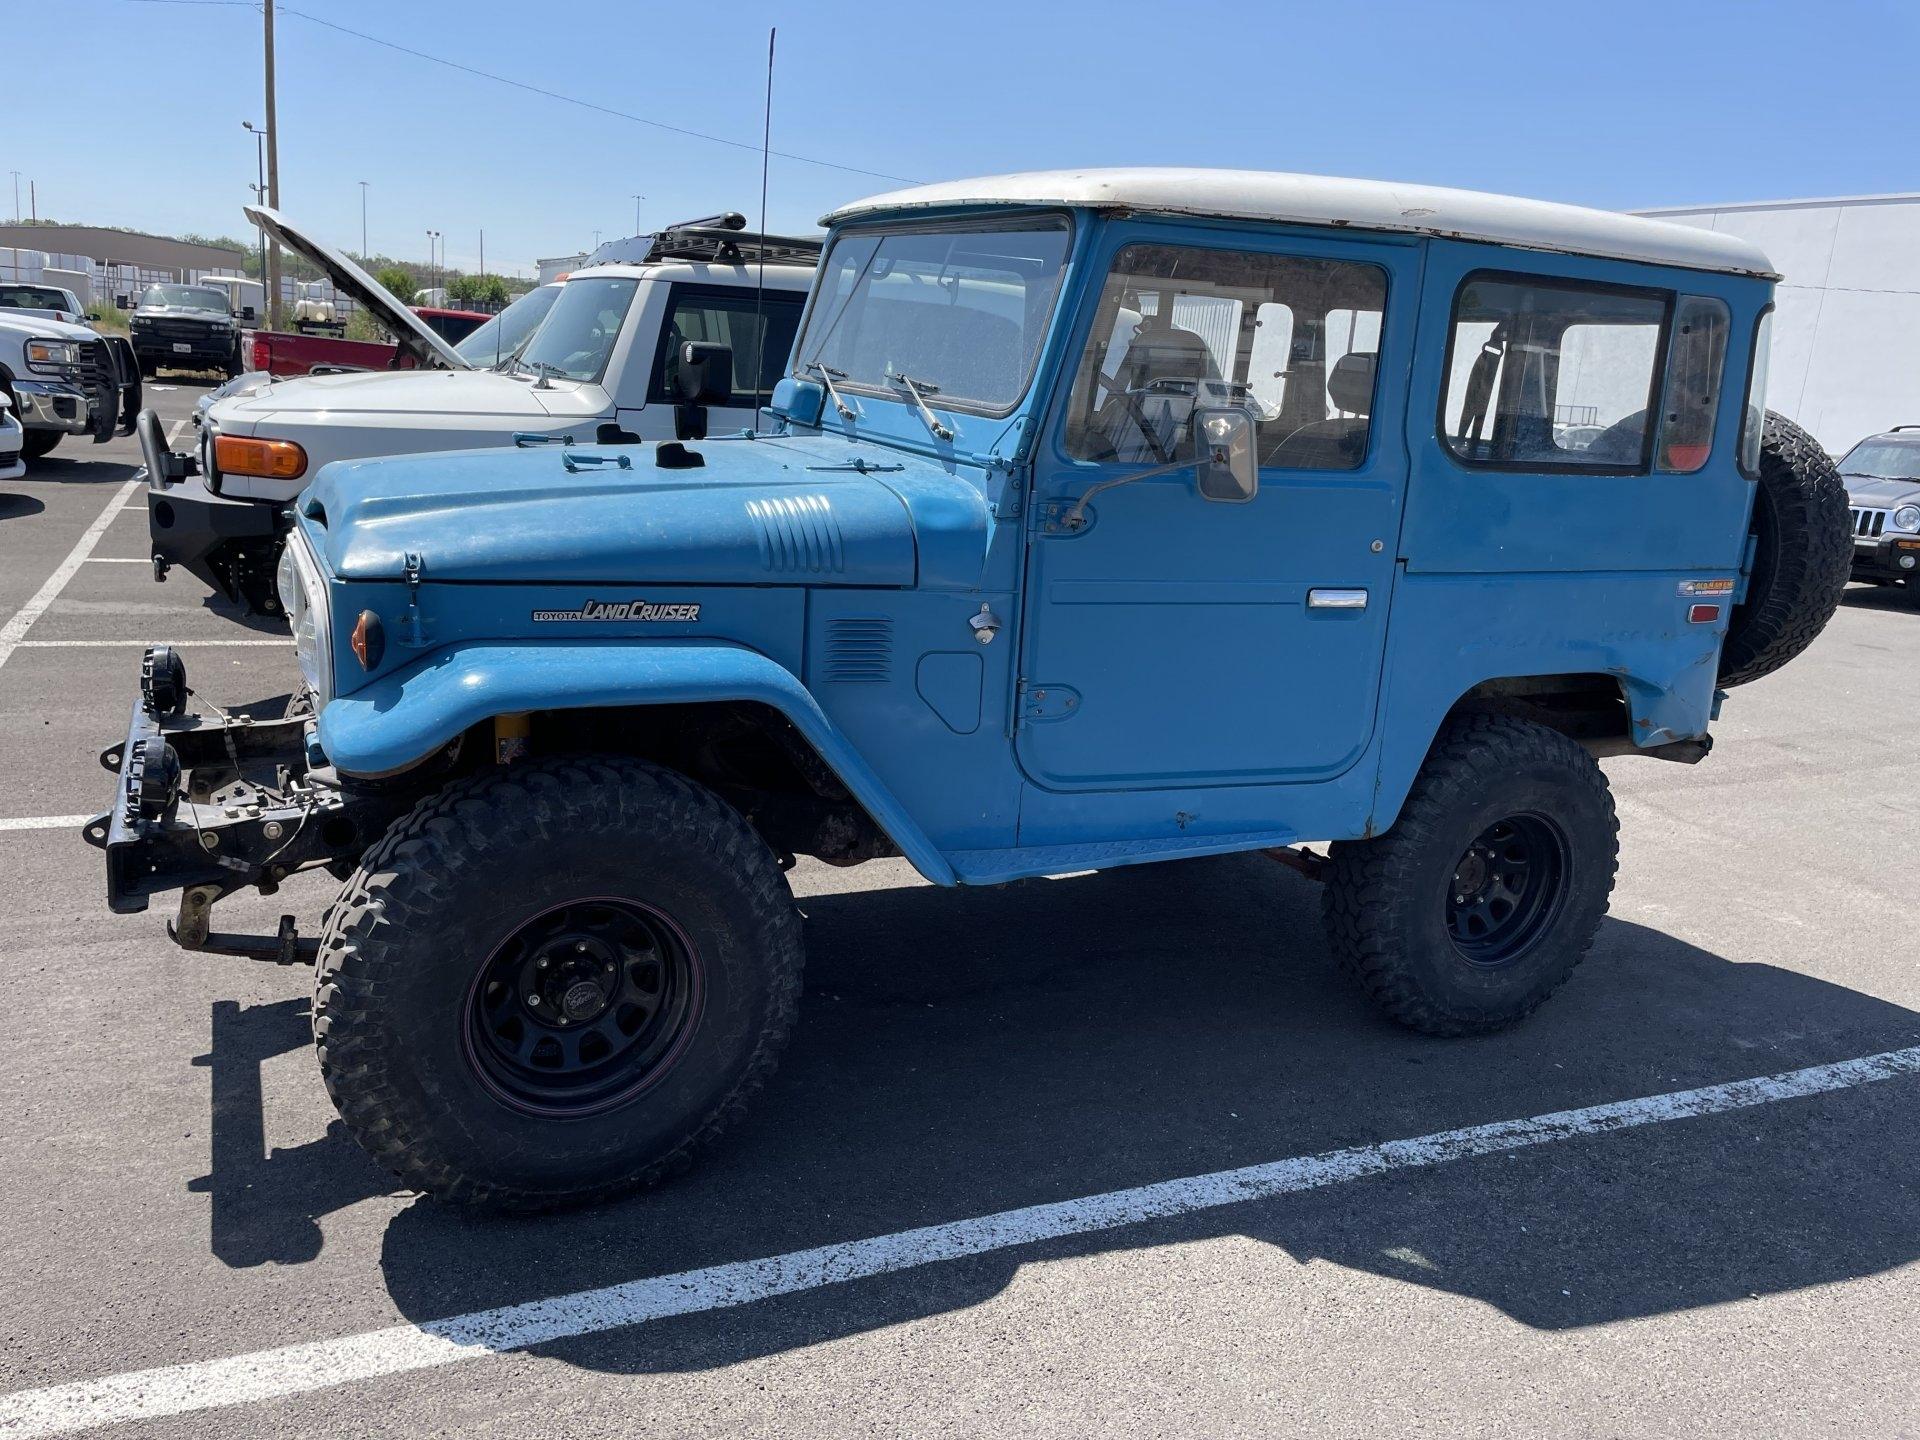 1978FJ40sideLEFT.JPG